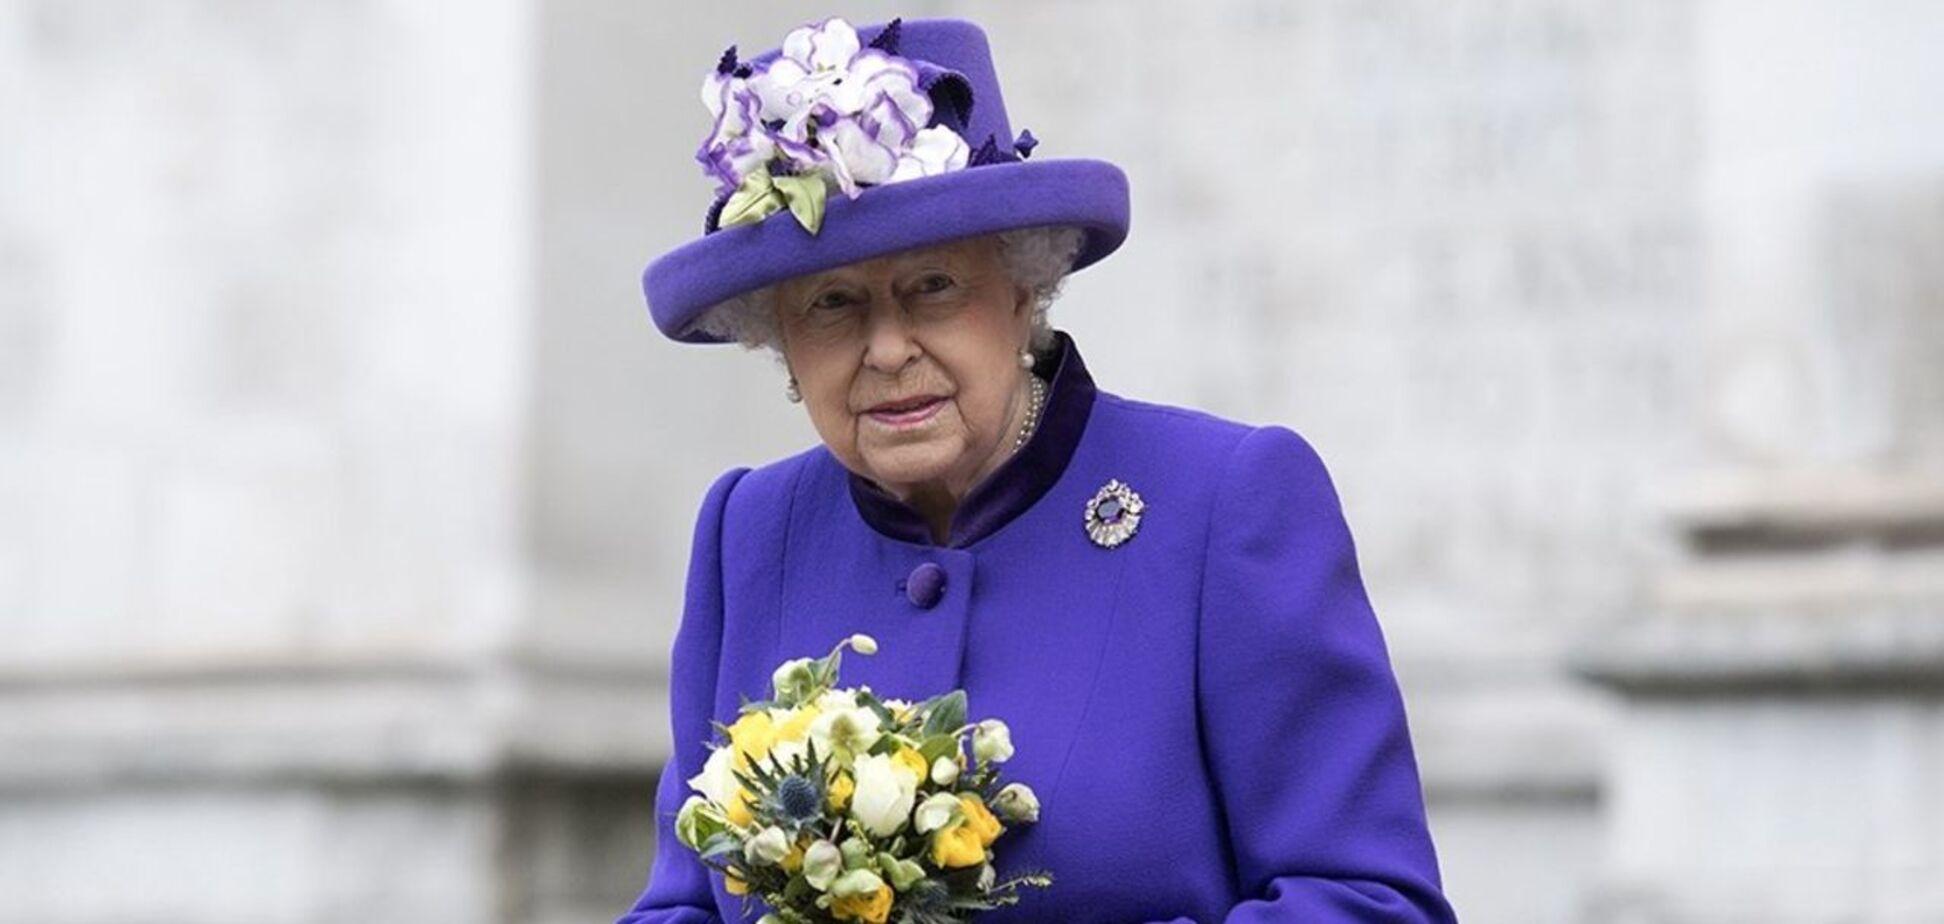 Єлизавета II стала жертвою розіграшу, після якого виник скандал: вона ледь не звільнила помічницю